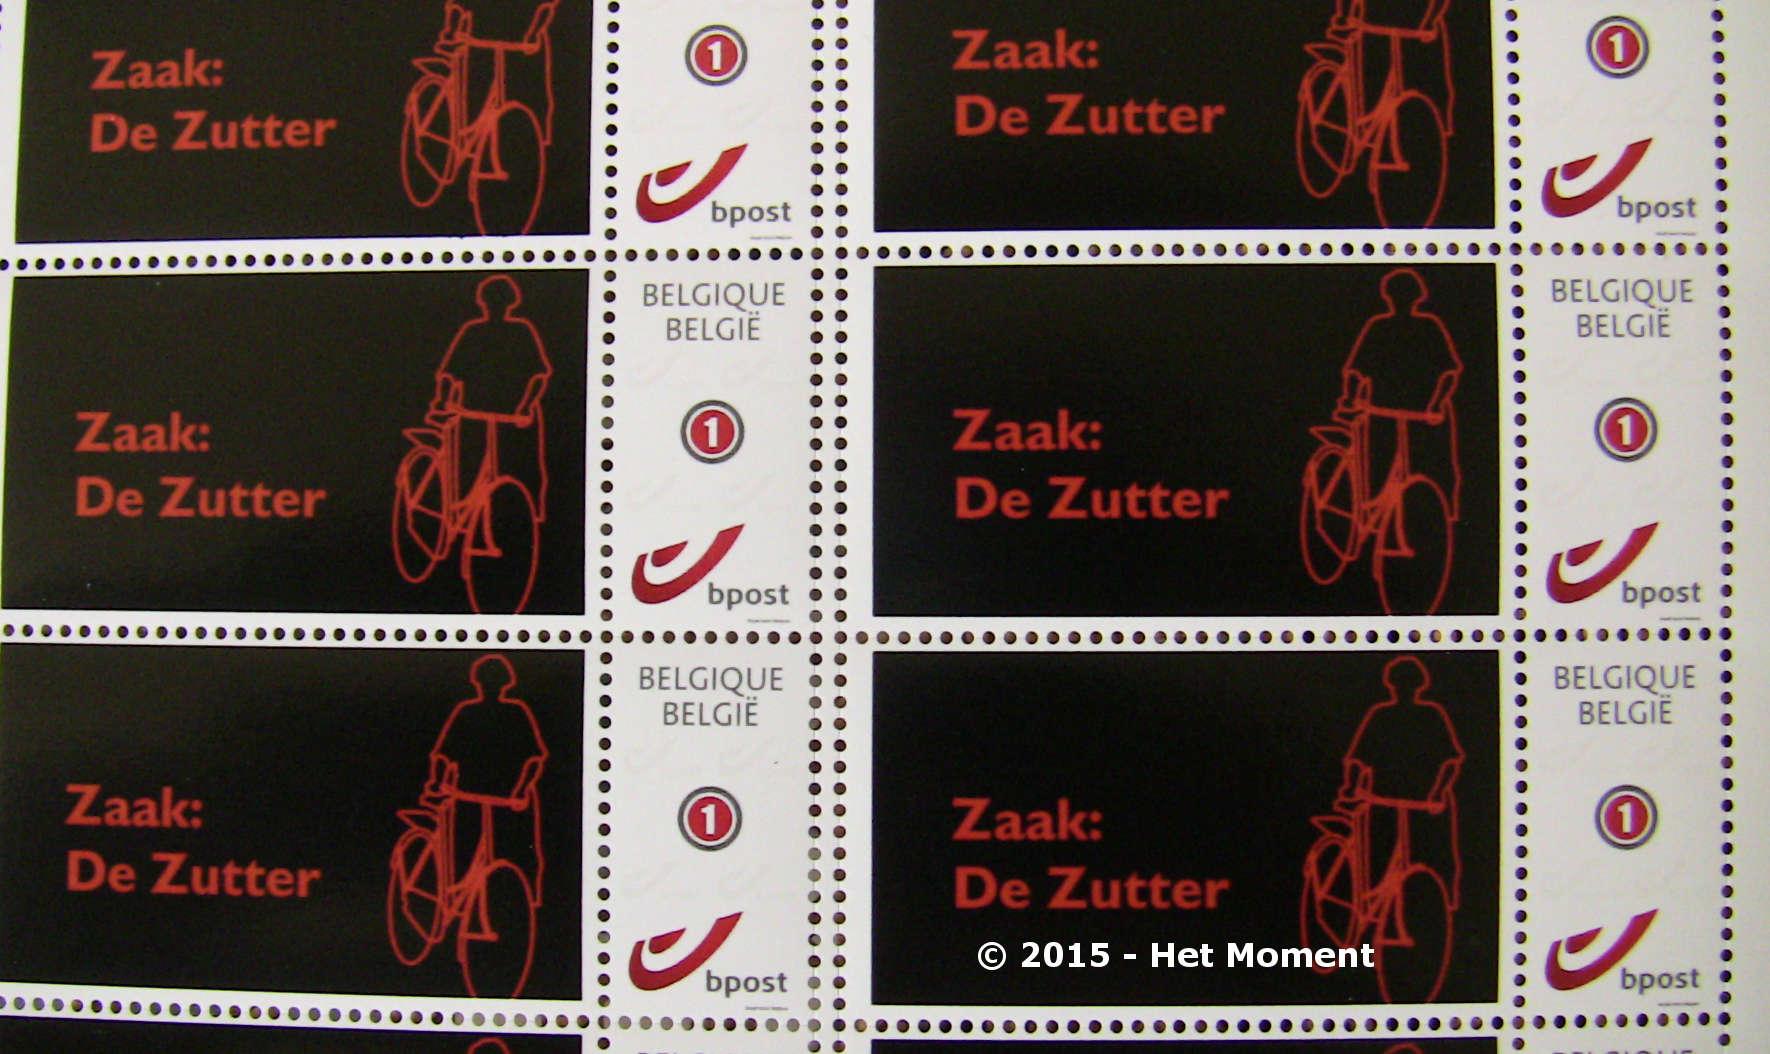 Postzegel Zaak: De Zutter